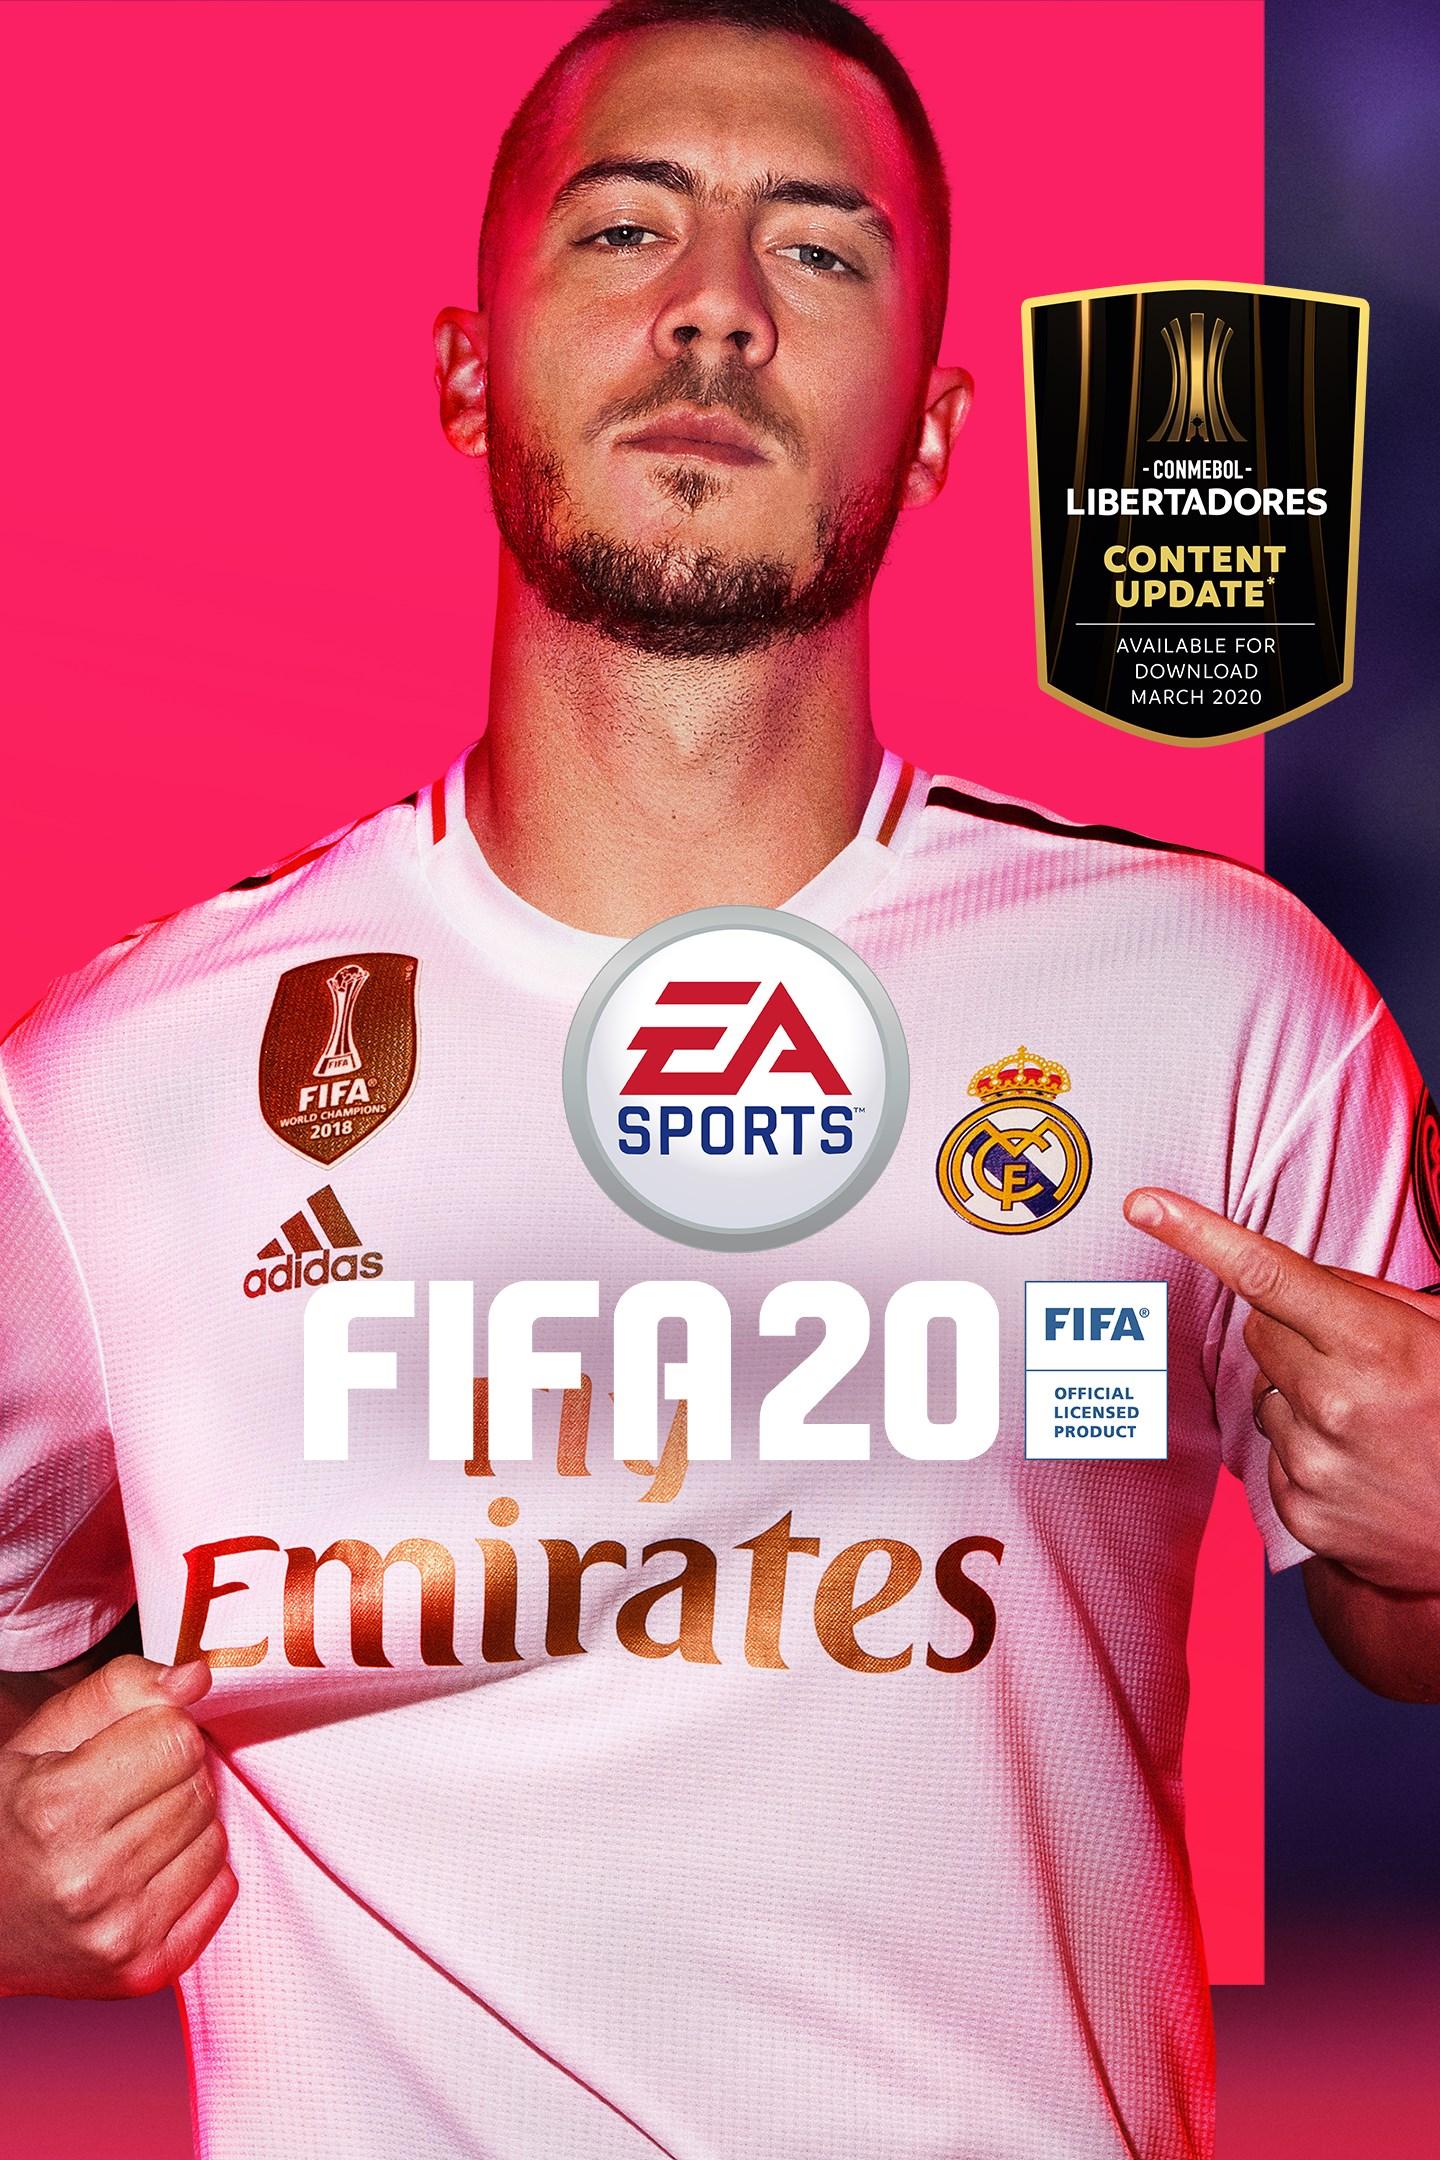 Immagine della confezione di Fifa 20